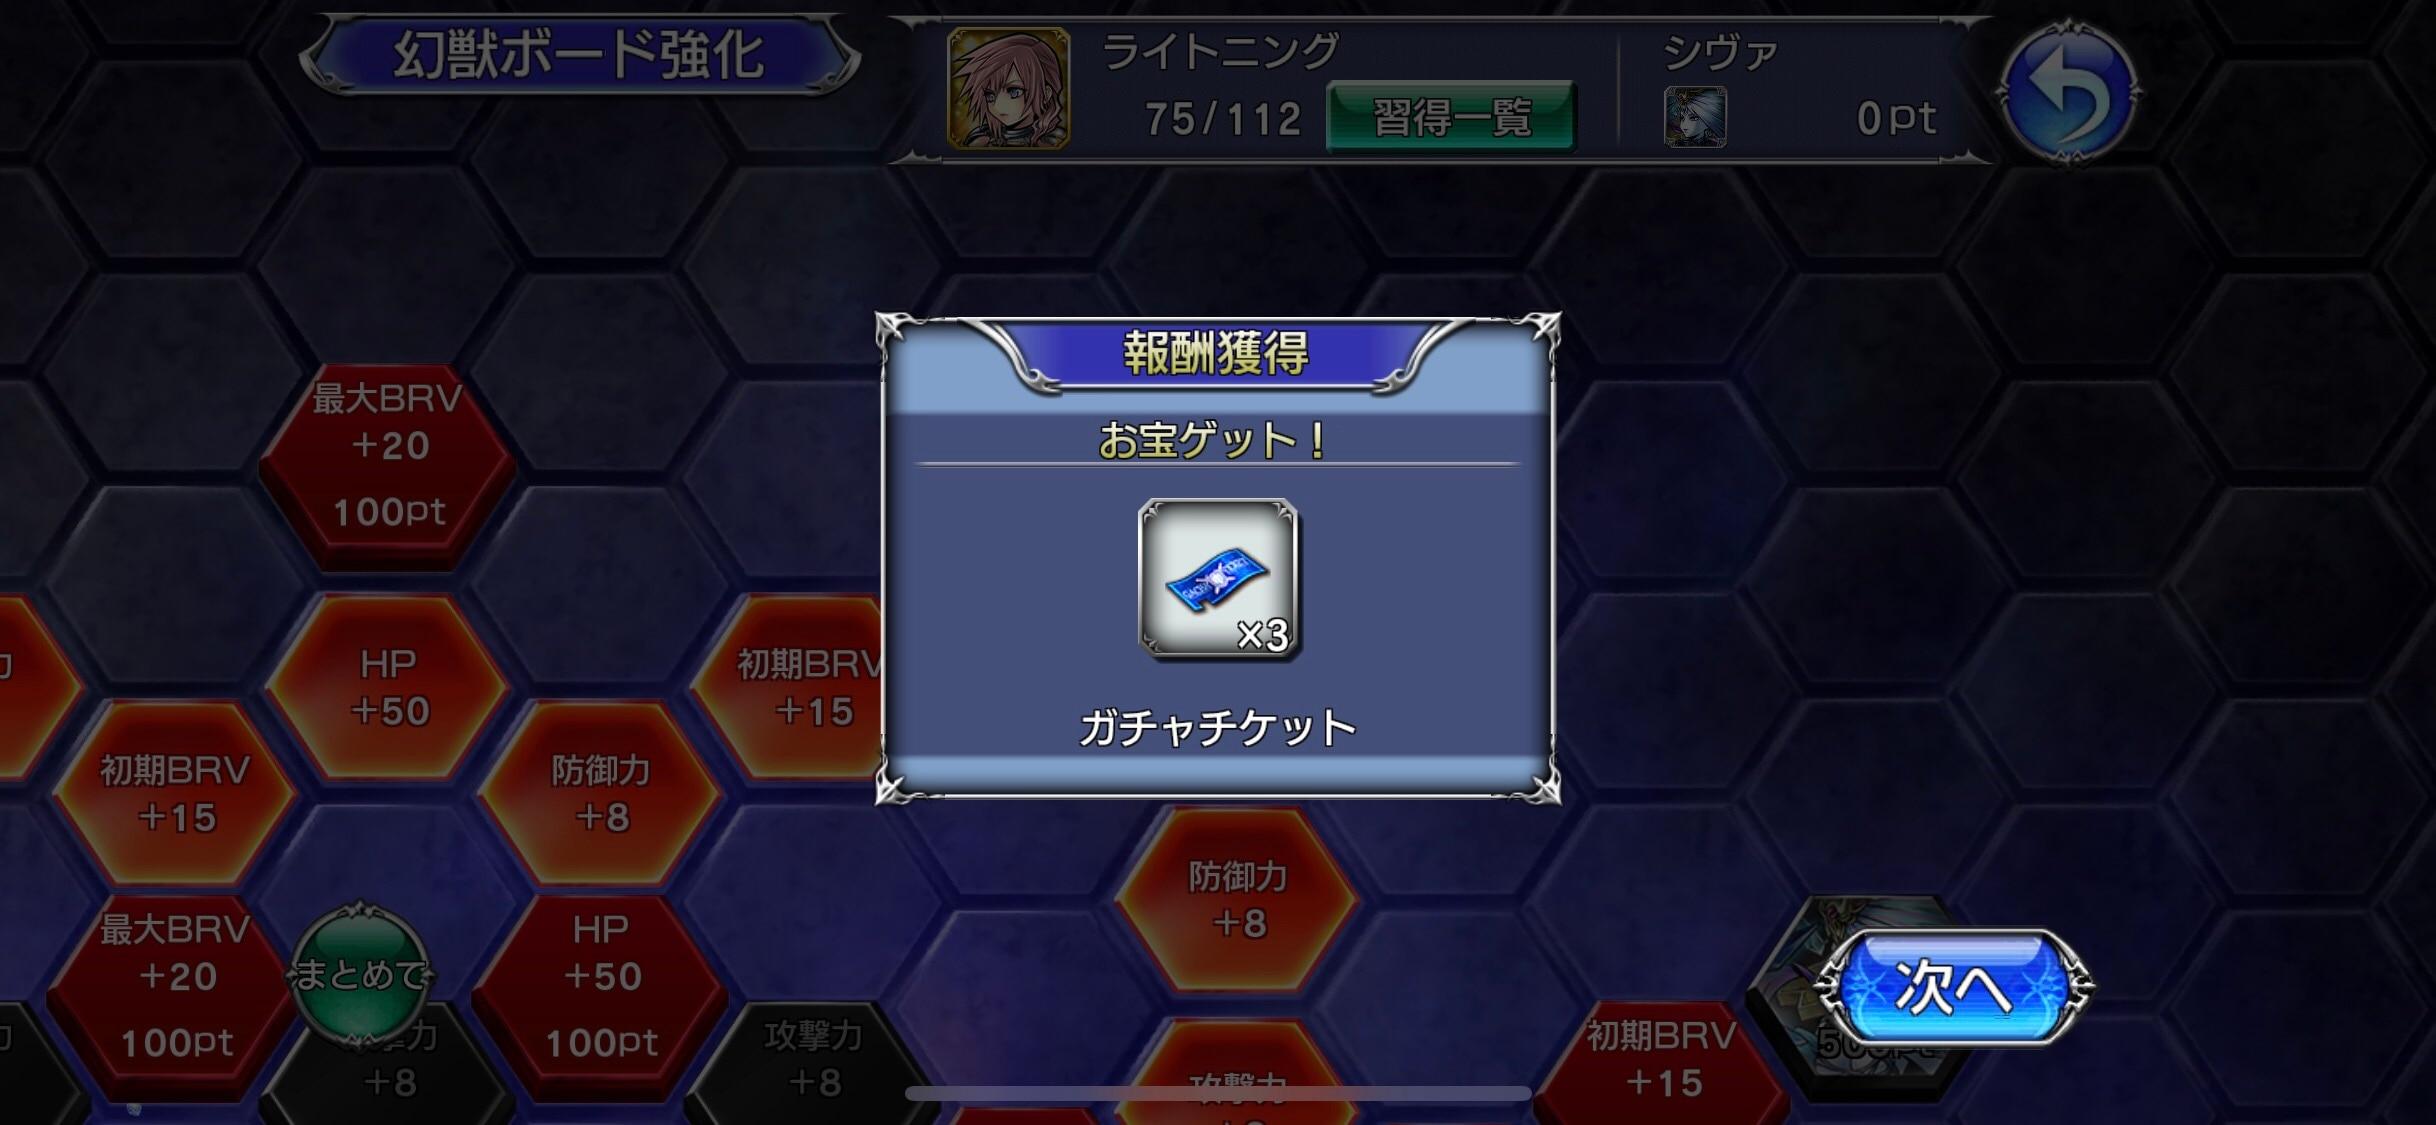 幻獣ボード